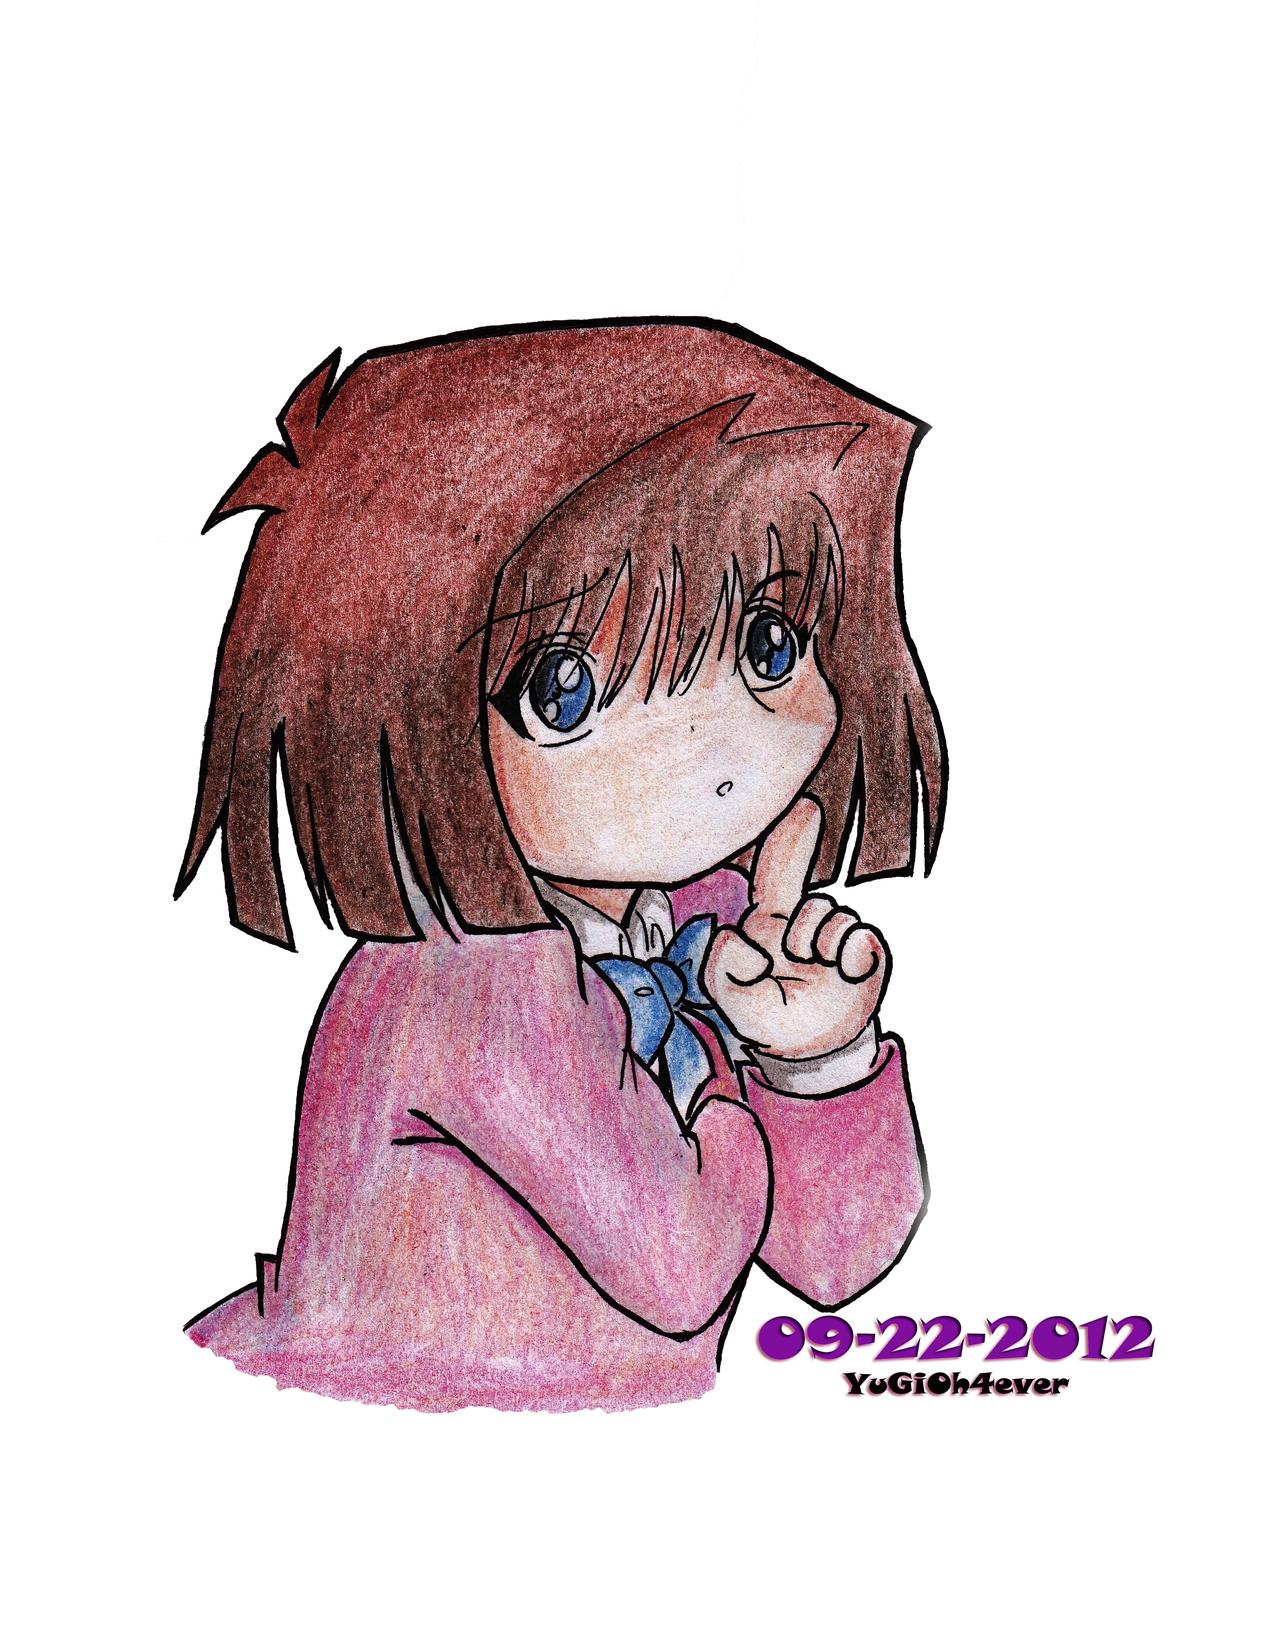 Anzu Chibi by YuGiOh4Ever